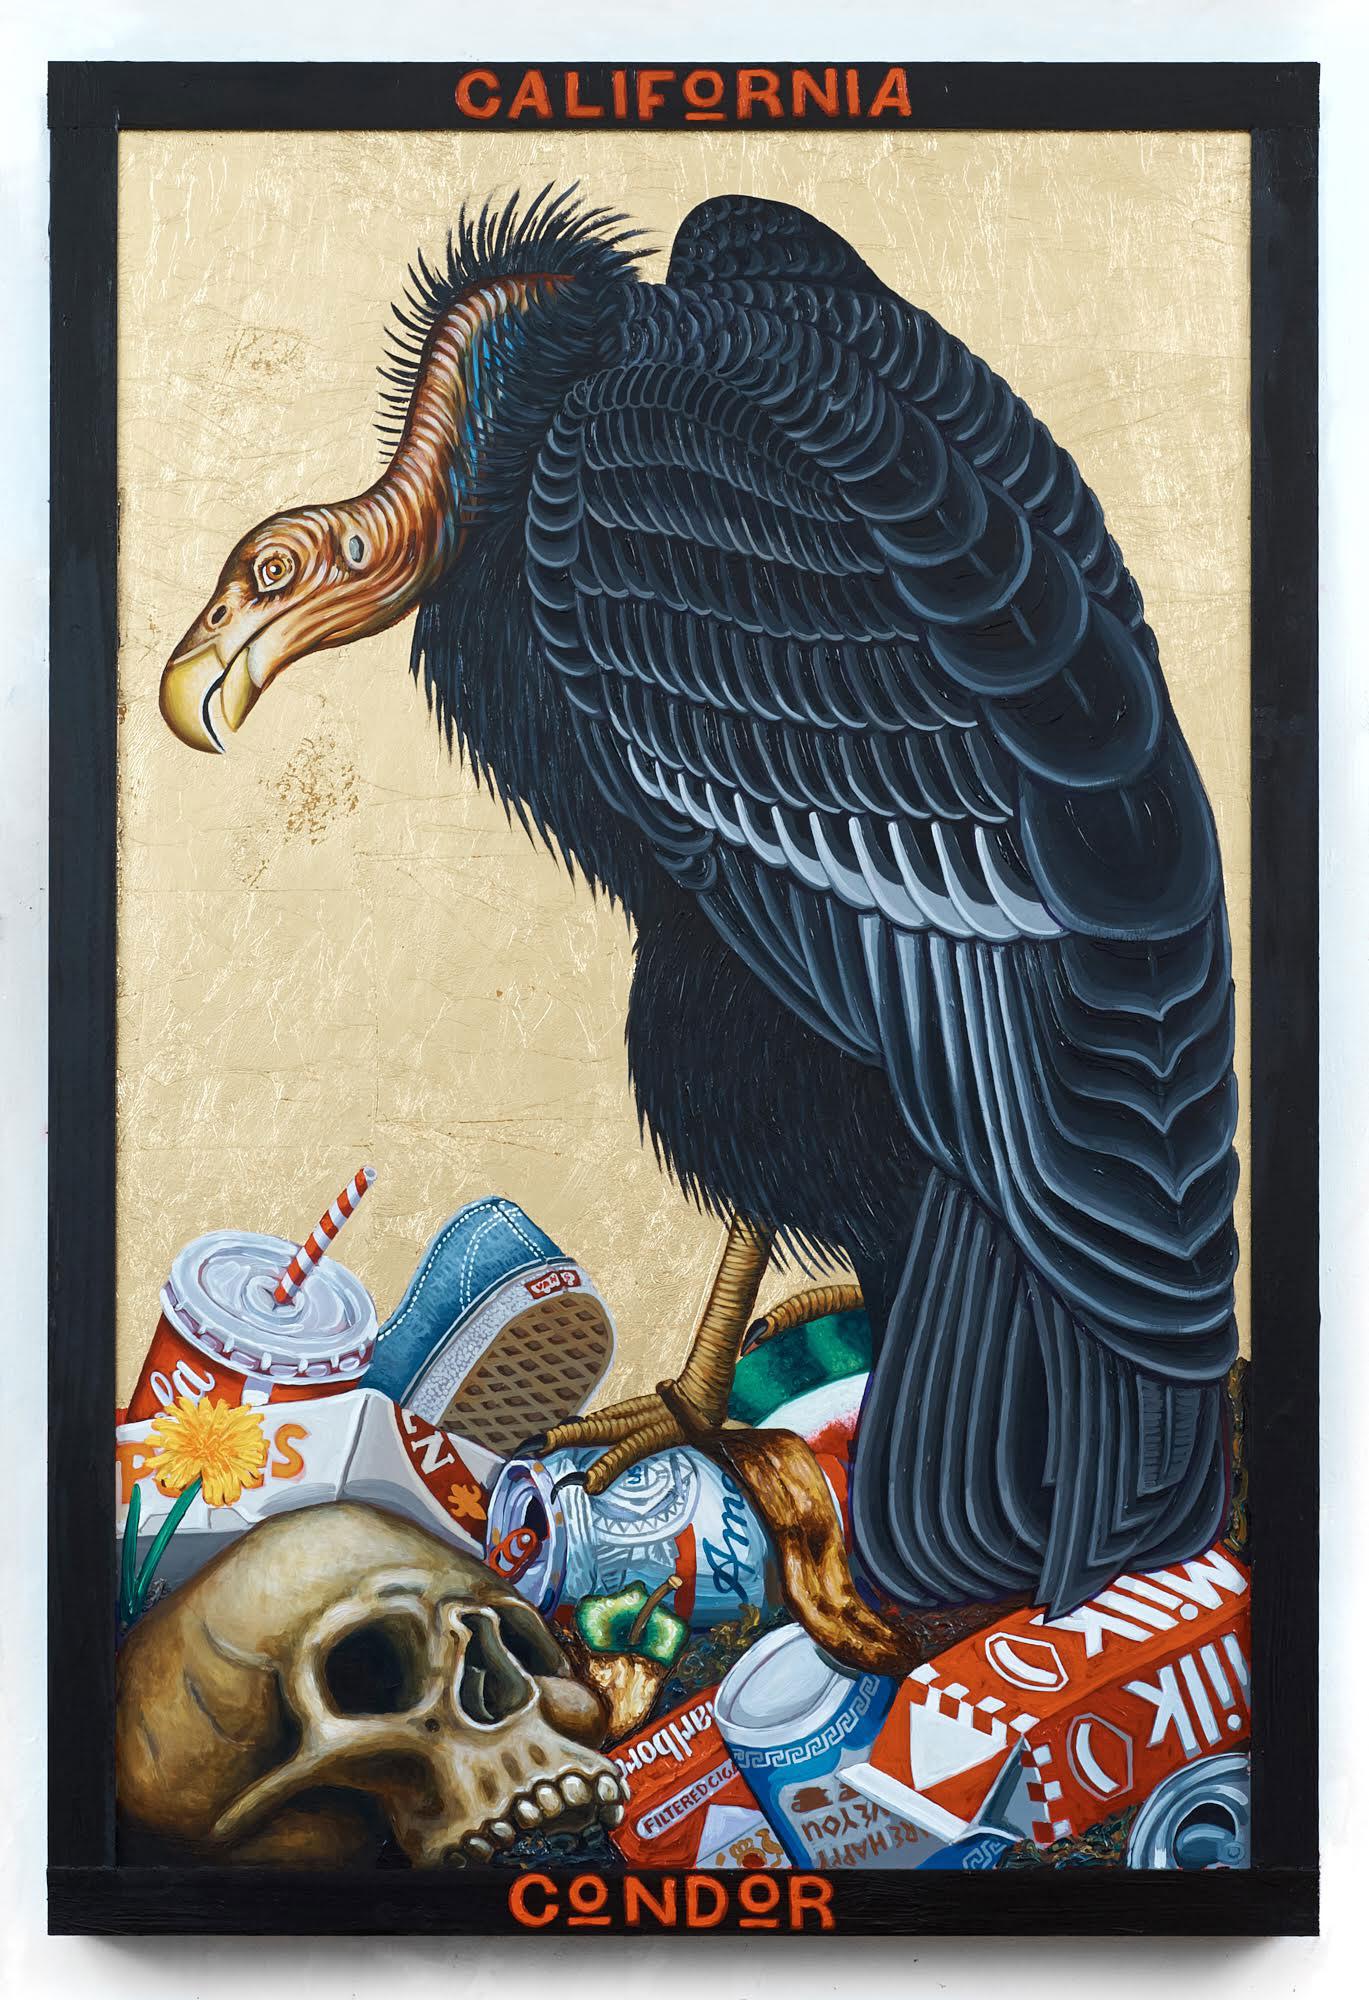 California Condor. Painting: Tom Sanford/101/EXHIBIT